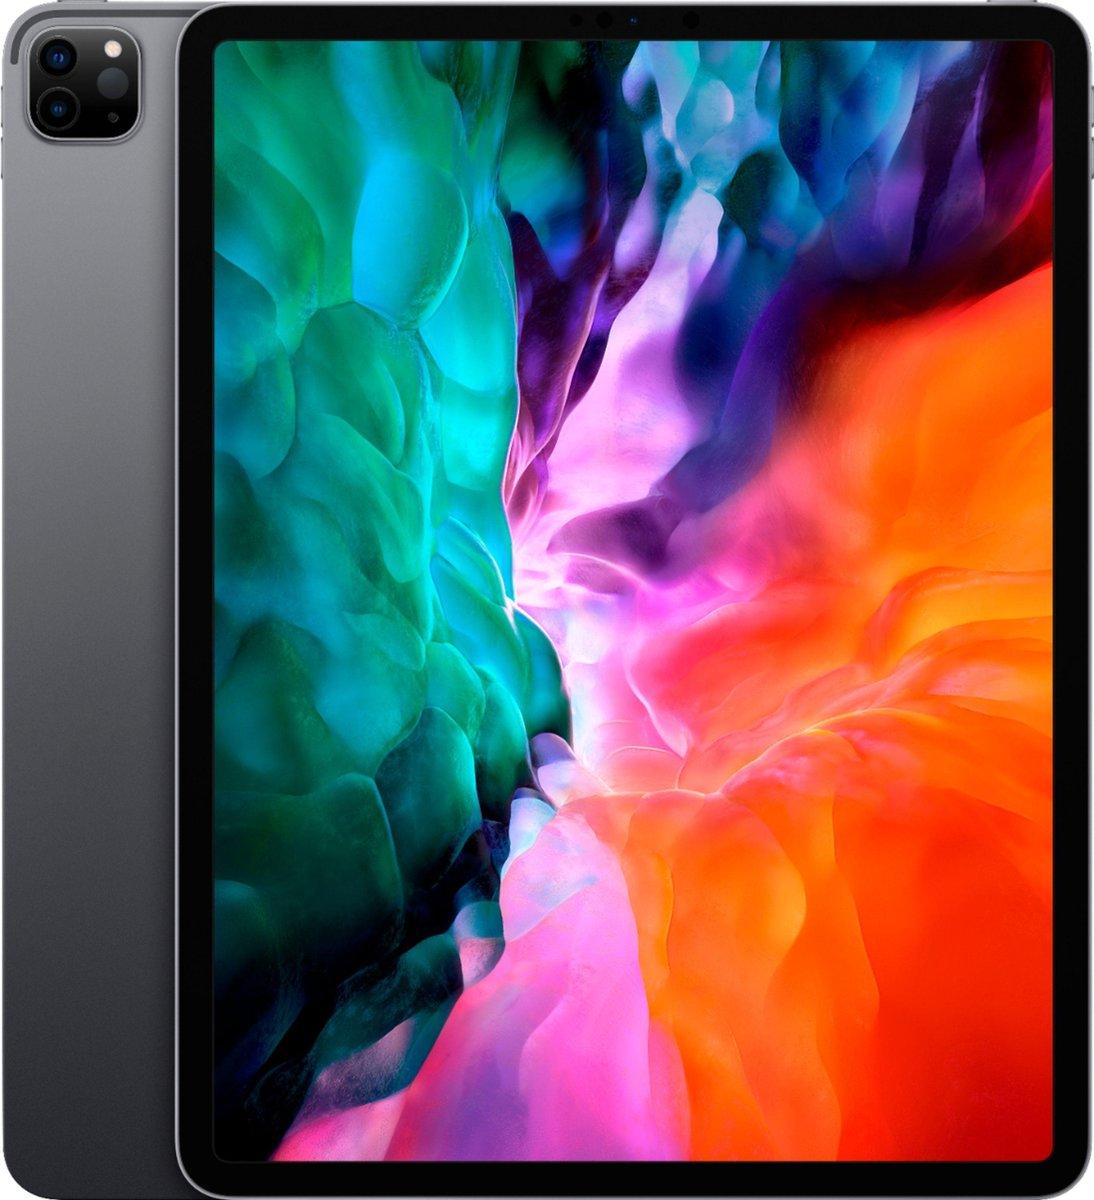 Apple iPad Pro 12.9 4e Generatie - Gereviseerd door SUPREME MOBILE - A GRADE - Alleen Wi-Fi - 128 GB - Ruimte Grijs